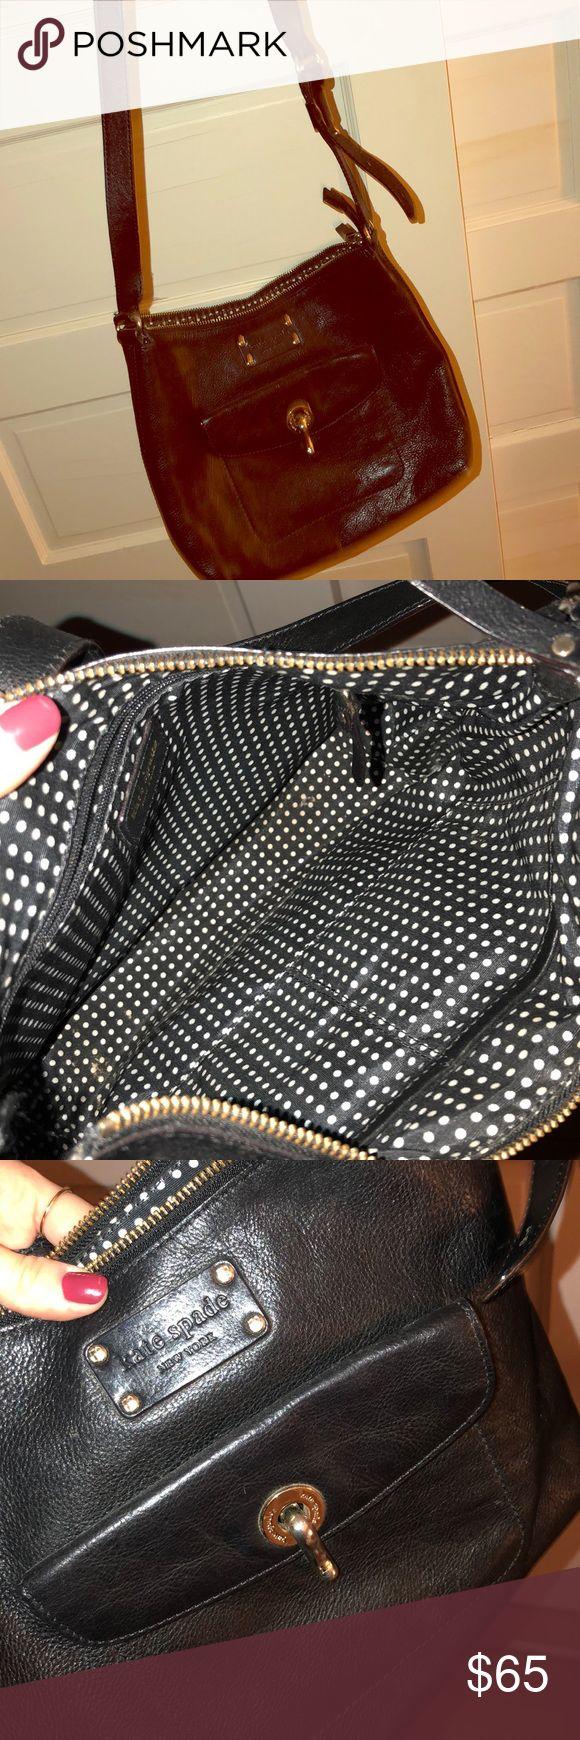 Kate Spade Shoulder Bag Black KS shoulder bag with black polka dot interior. Great condition with exterior pocket. kate spade Bags Shoulder Bags